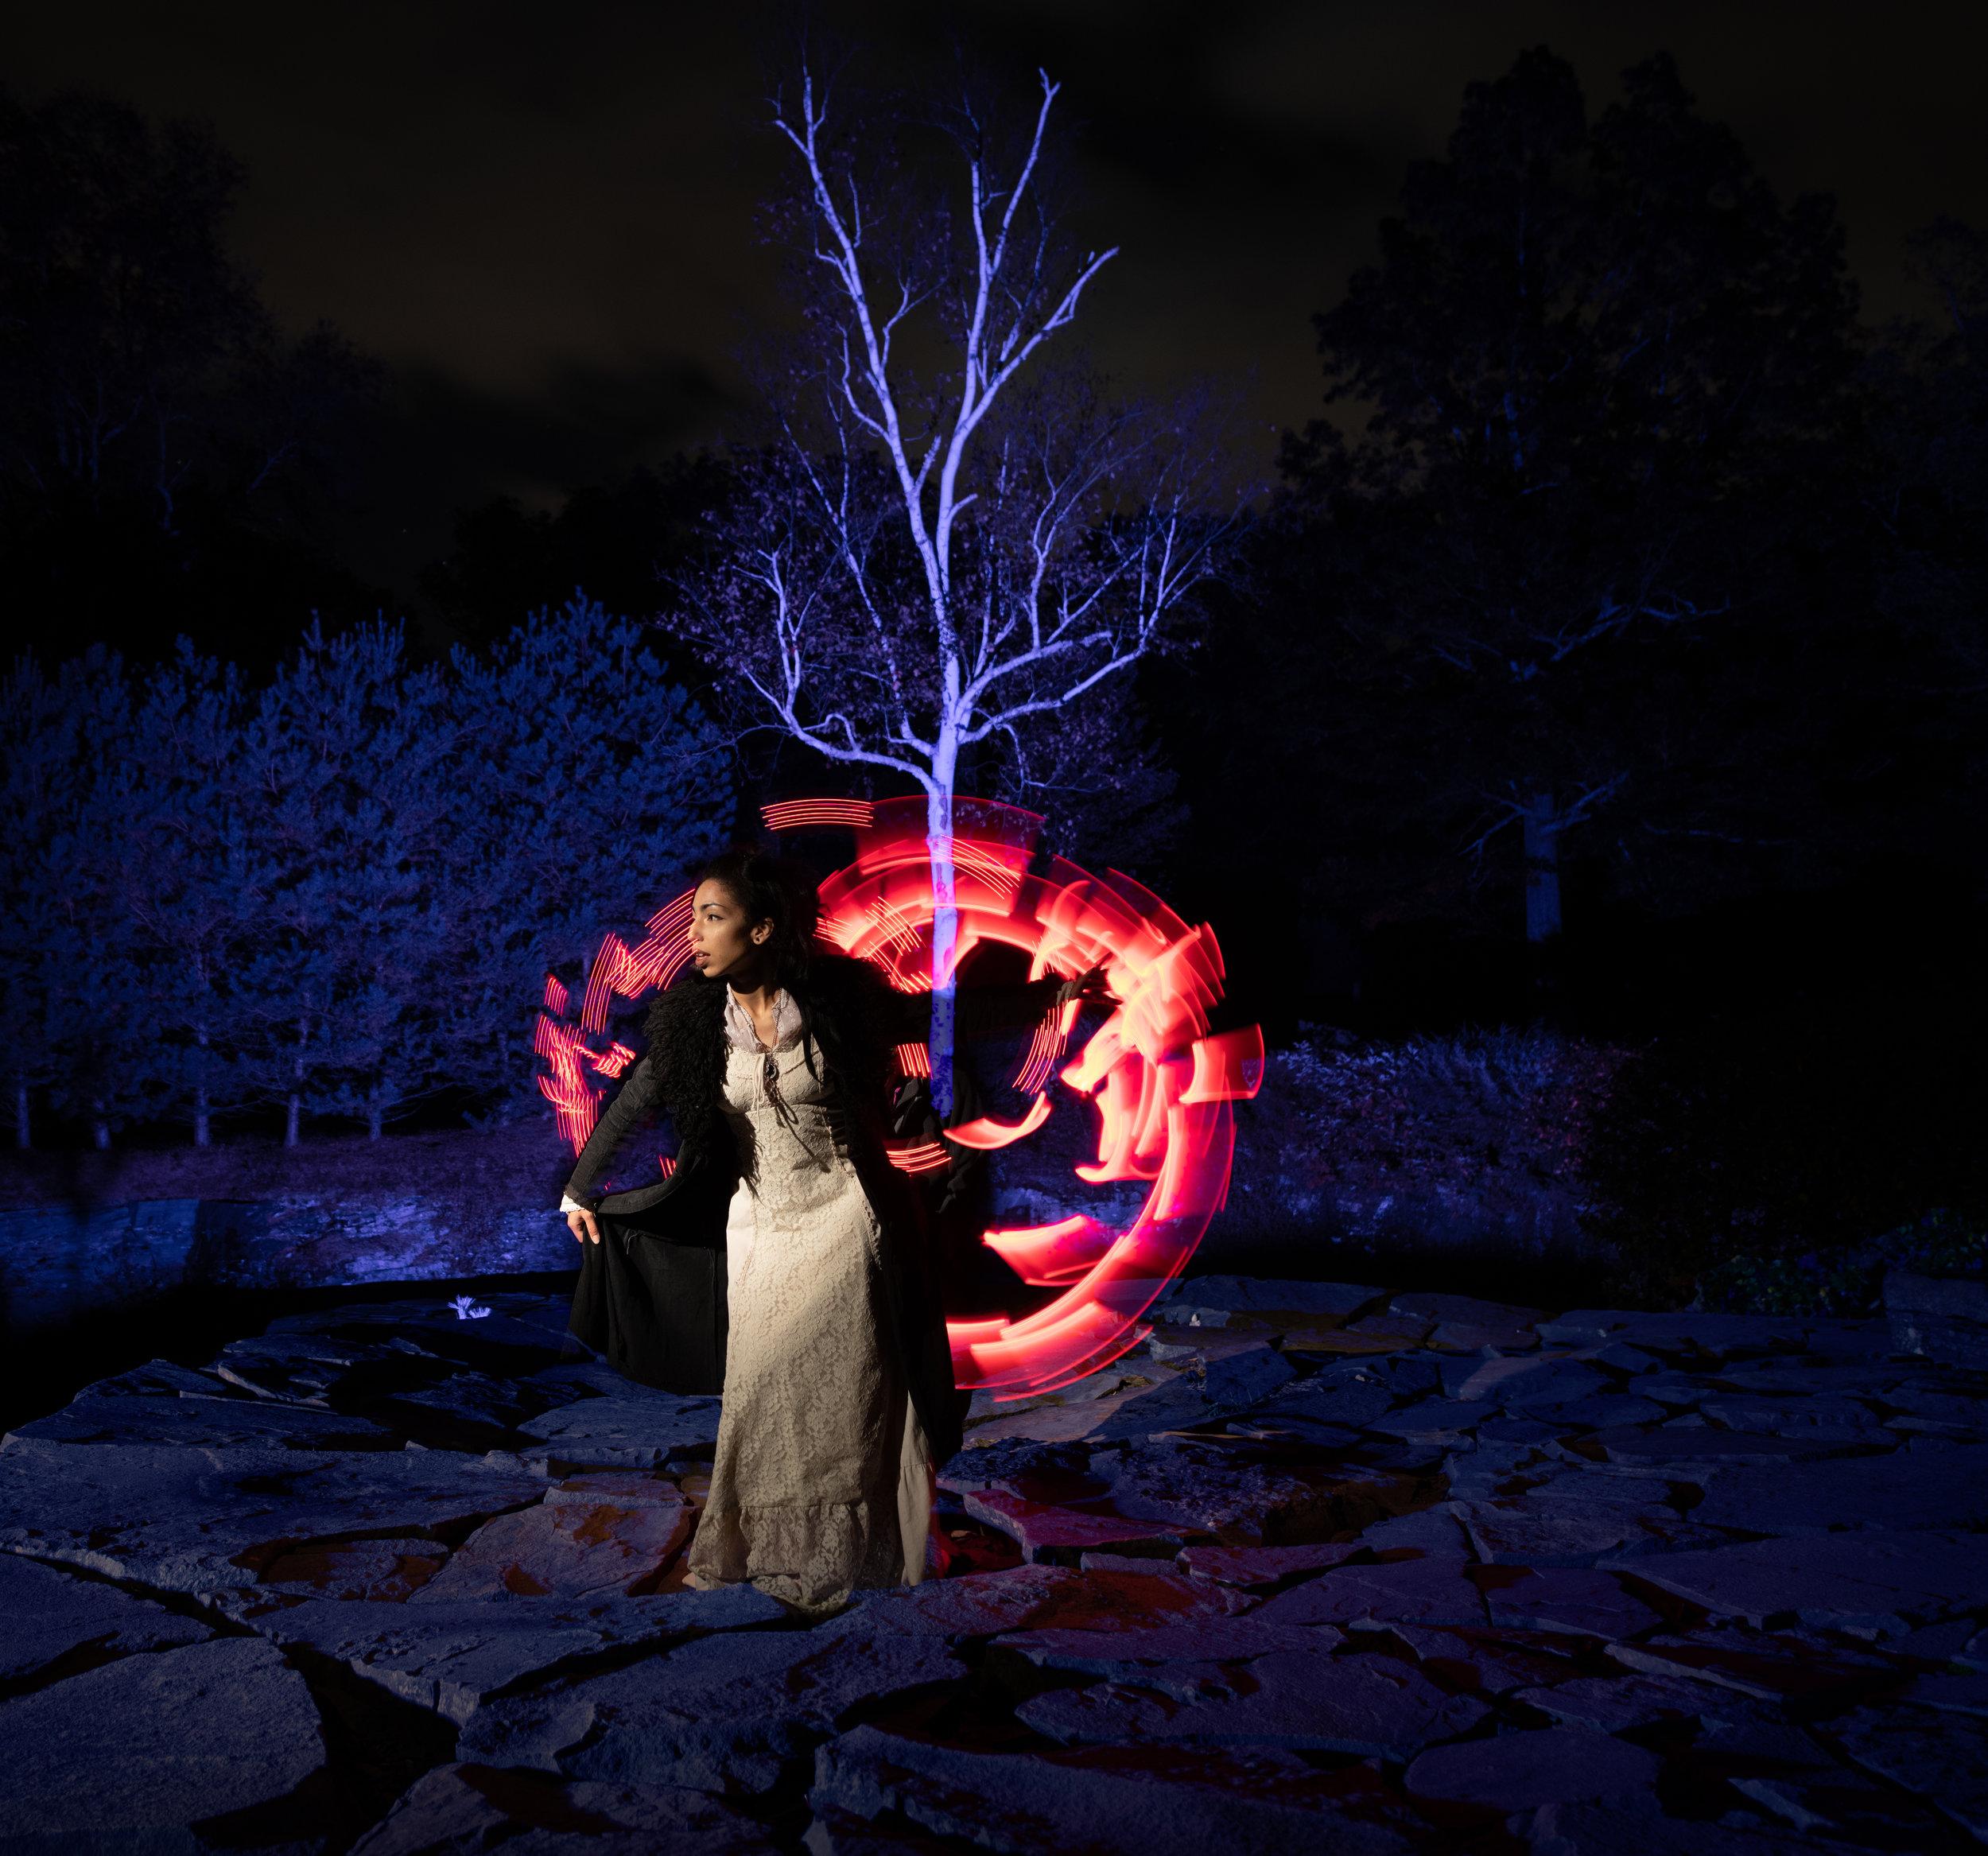 tims-Catskill_Night_Portrait-2.jpg